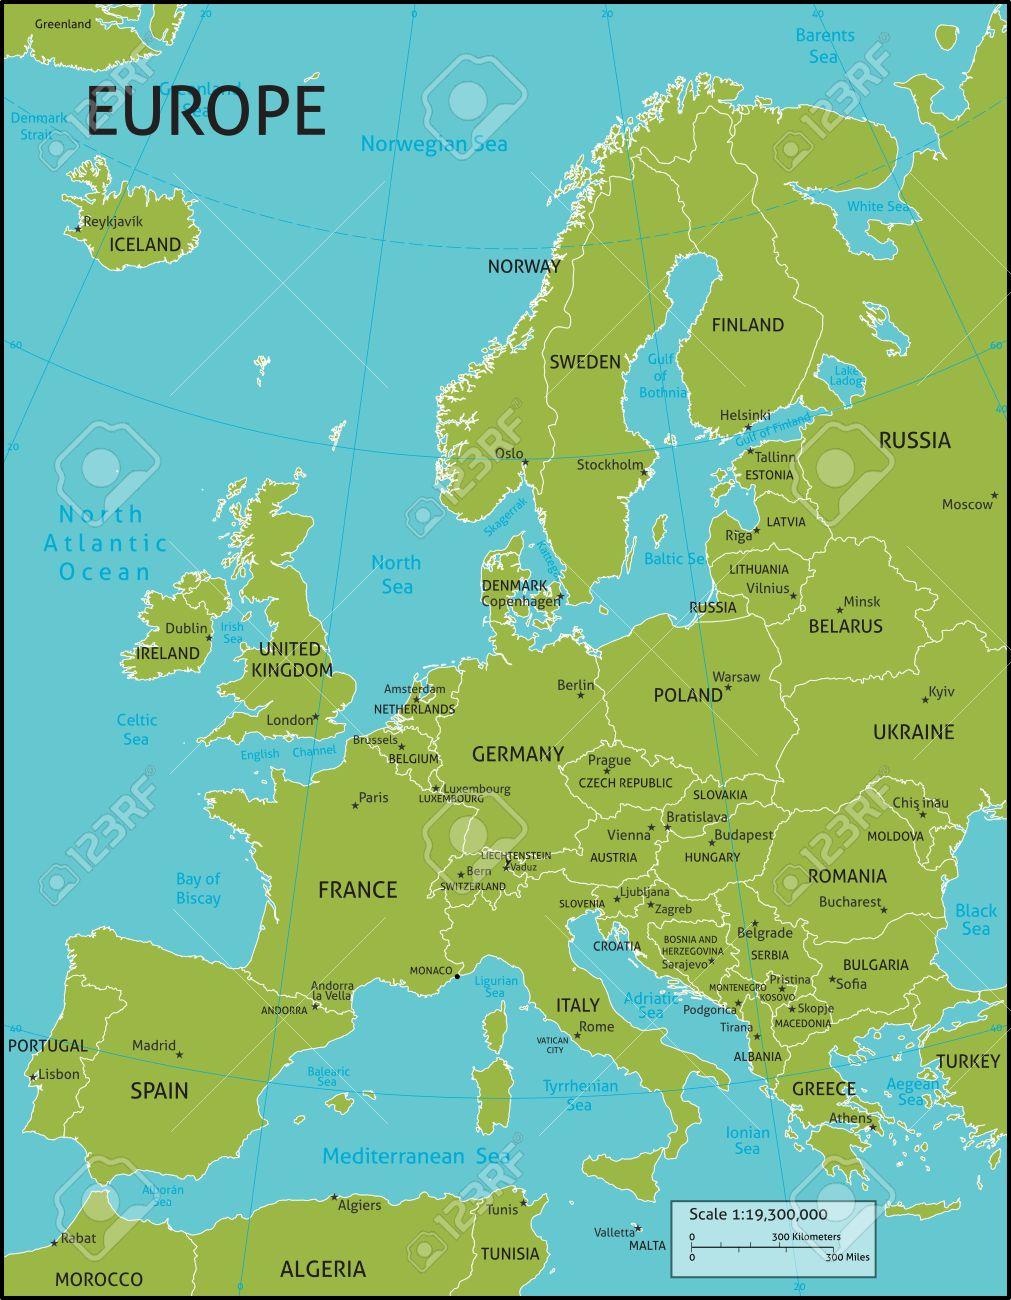 Une Carte De L'europe Avec Tous Les Noms De Pays, Et Les Capitales De Pays.  Organisé Dans La Version De Vecteur Dans Facile D'utiliser Des Couches. dedans Europe Carte Capitale